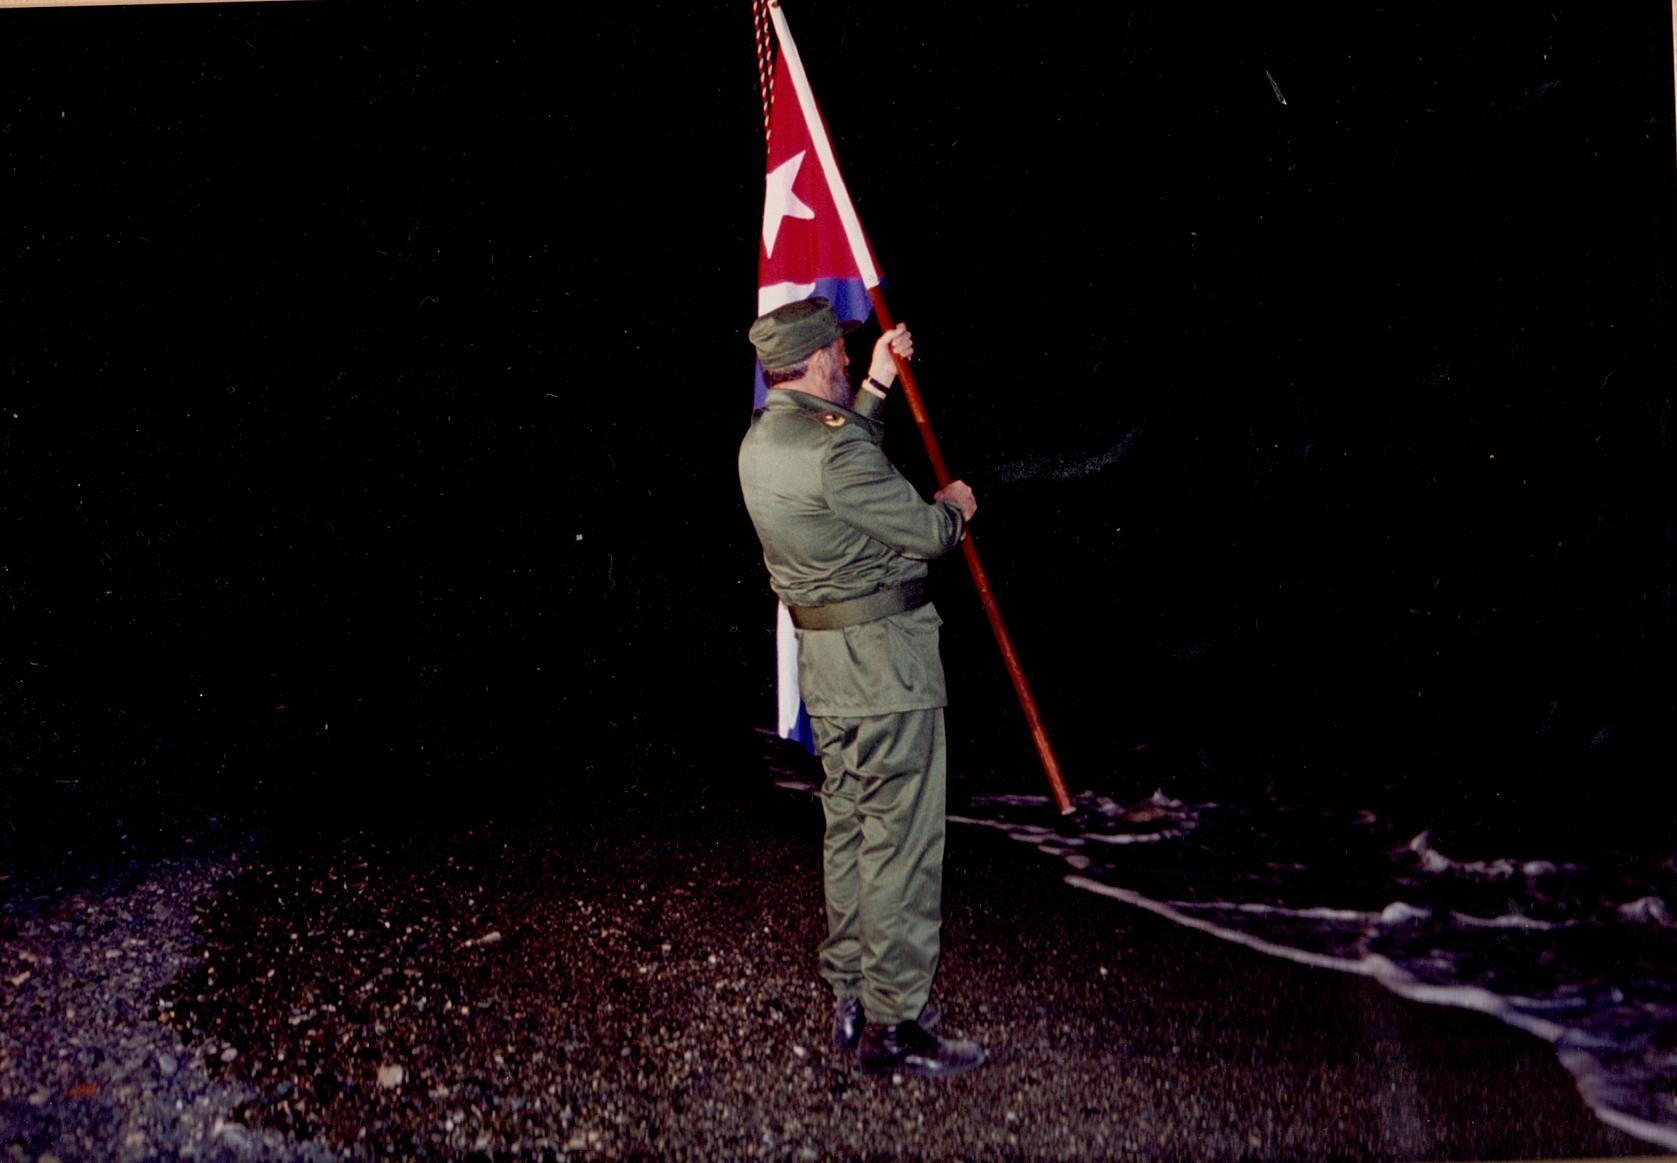 Al conmemorar el centenario del desembarco de José Martí y Máximo Gómez, Fidel rinde tributo a este acontecimiento en las arenas de Playita de Cajobabo. Guantánamo, 11 de abril de 1995. Foto tomada por José Miyar Barrueco